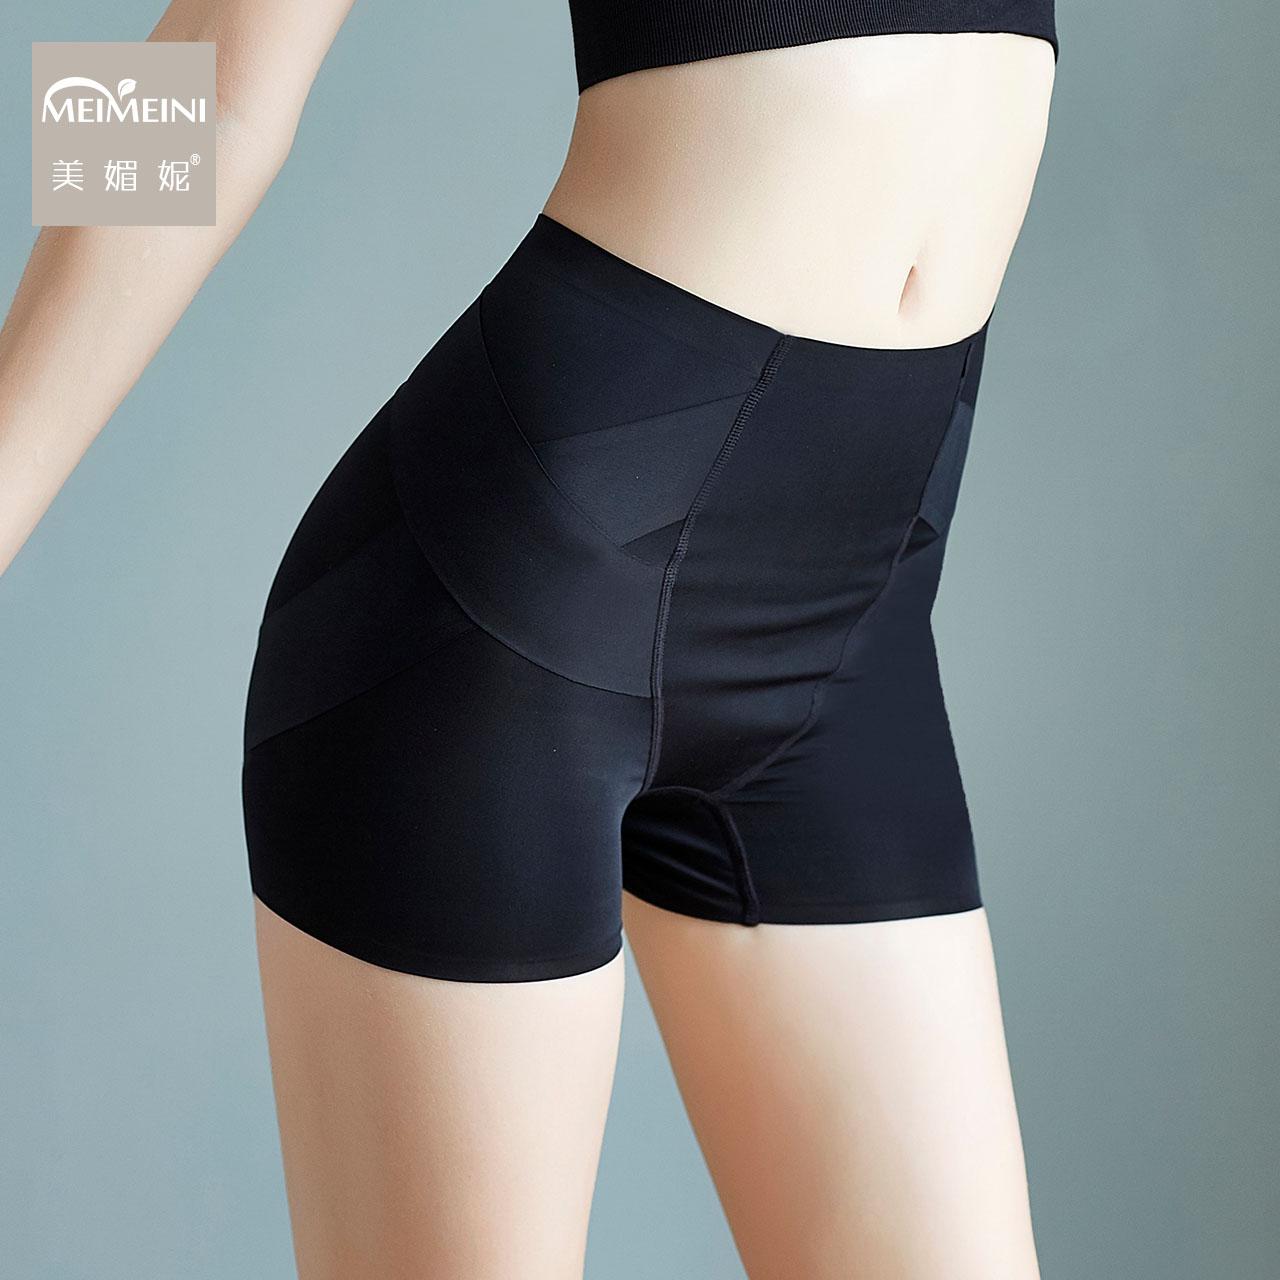 收腹内裤女夏季卡卡提臀翘臀芭比塑形束腰塑身神器薄款高腰安全裤